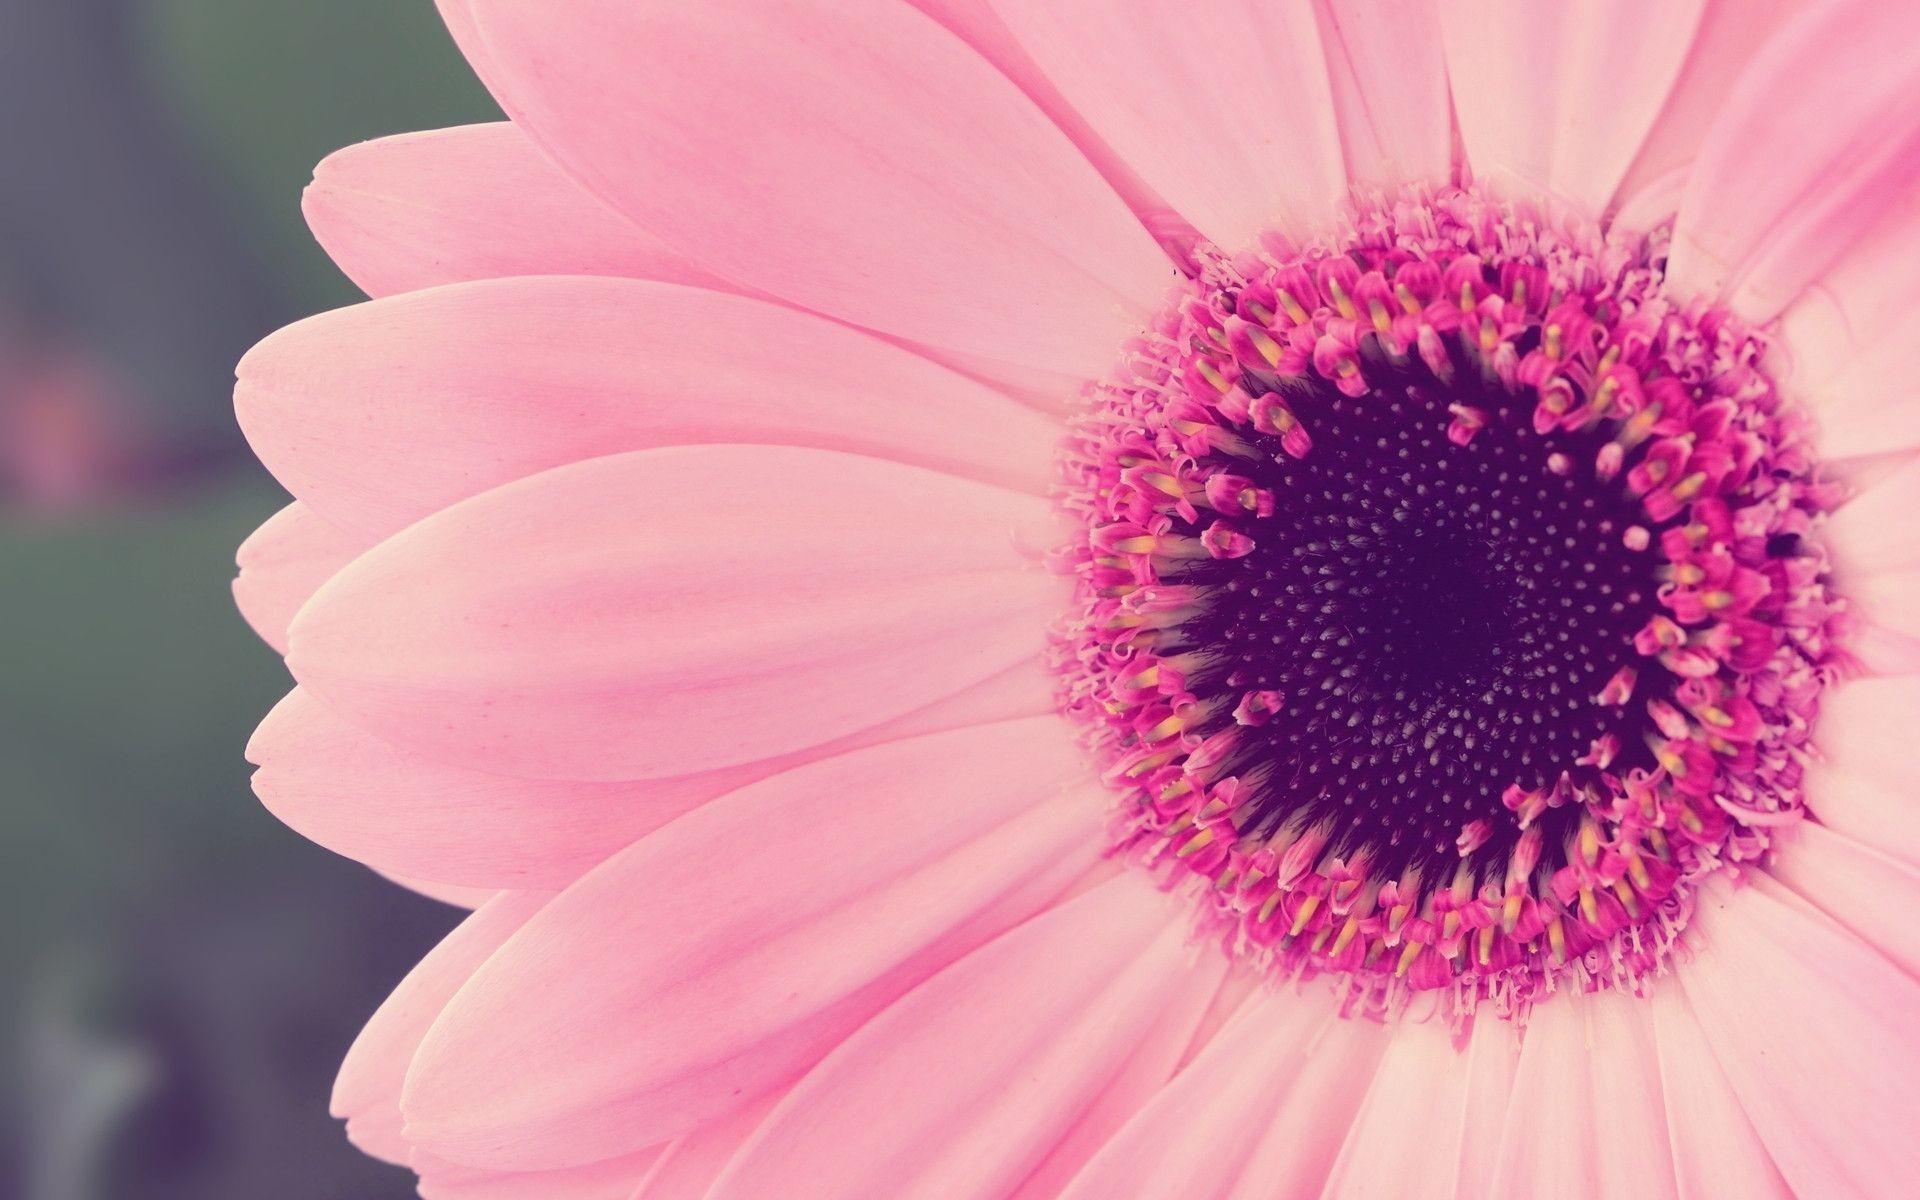 Carnation Flowers Â« Wallpaper Tadka 1920×1080 Hot Pink Flower Wallpapers  (39 Wallpapers)   Adorable Wallpapers   Desktop   Pinterest   Flower  wallpaper, …